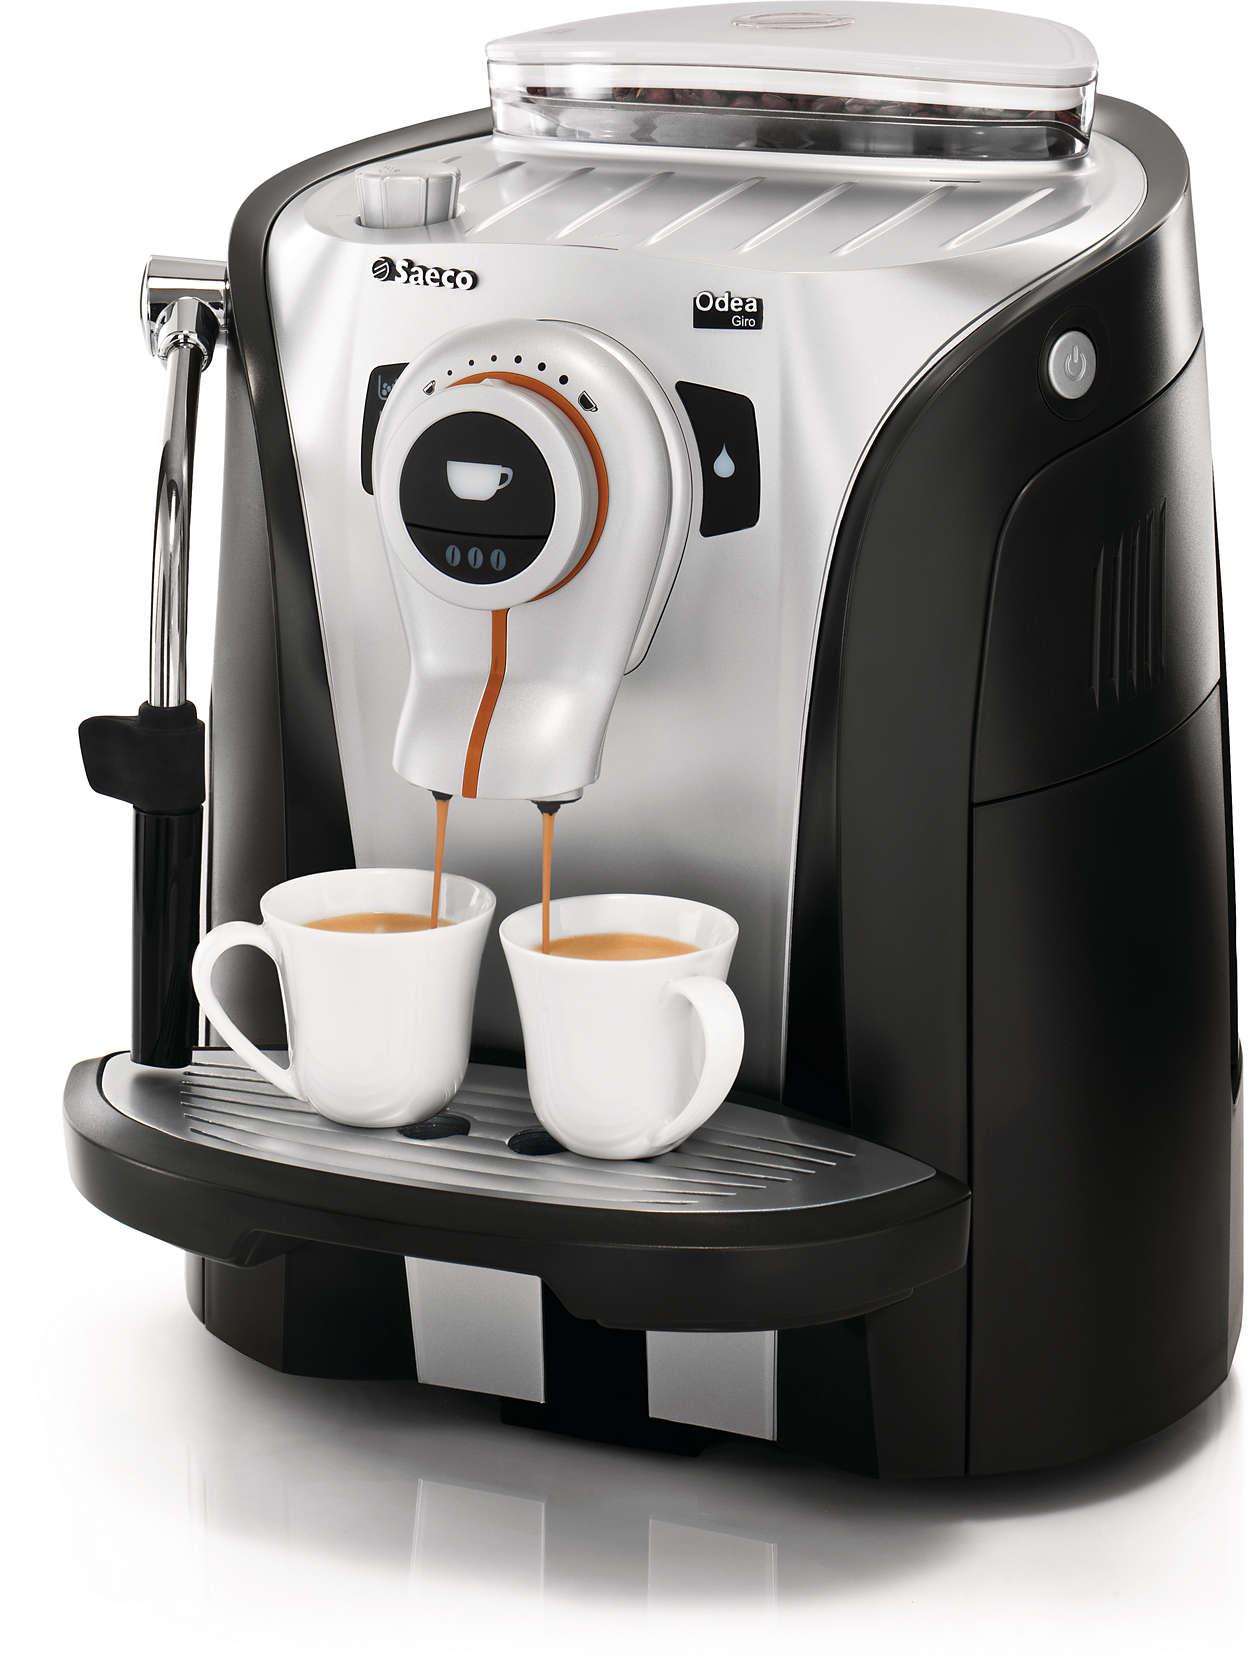 Espresso con un diseño moderno y funcional